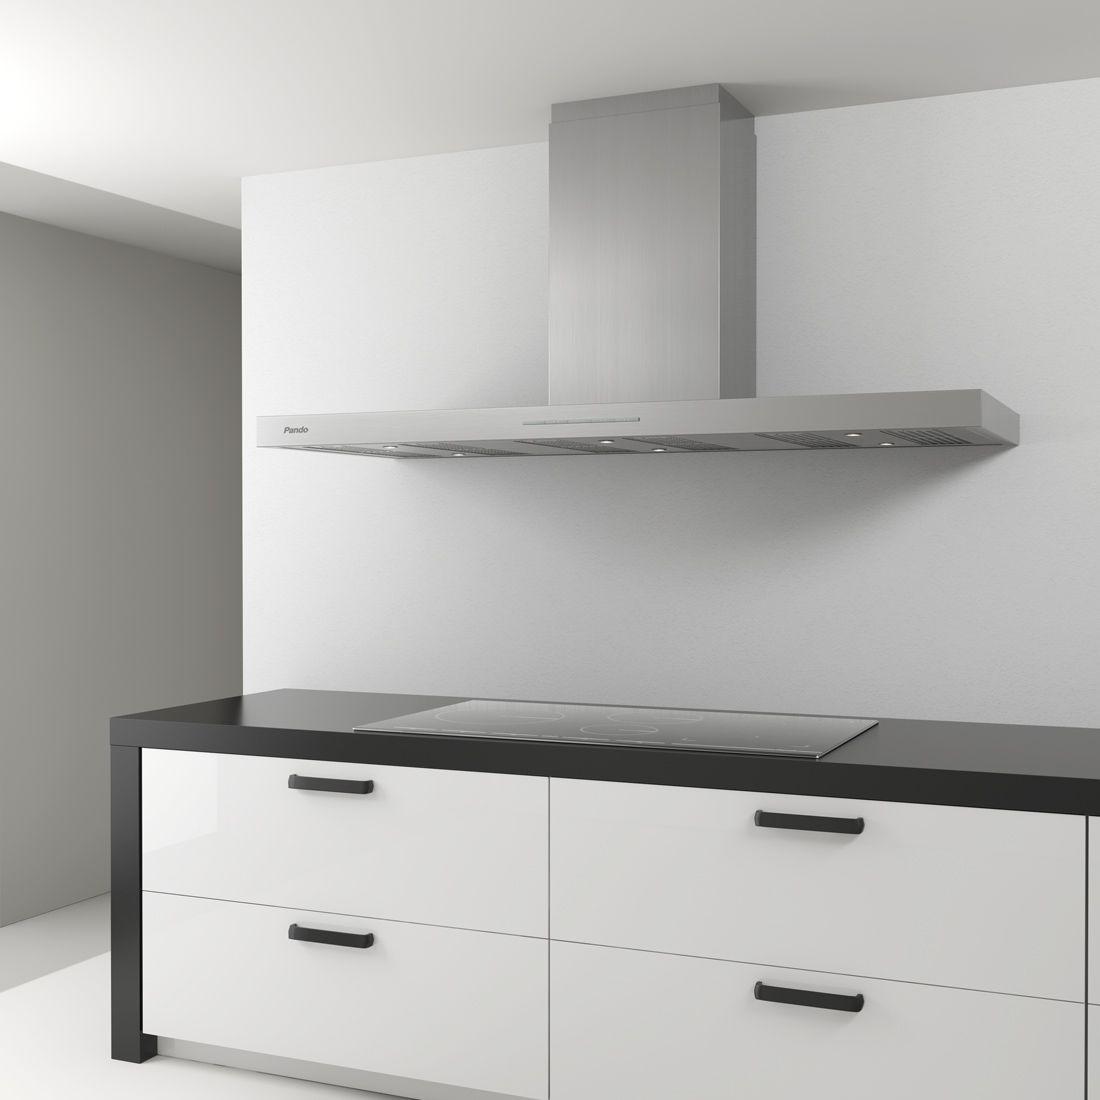 Campana extractora pando p861 campanas de pared en 2019 home decor decor y furniture - Campanas de cocina ...